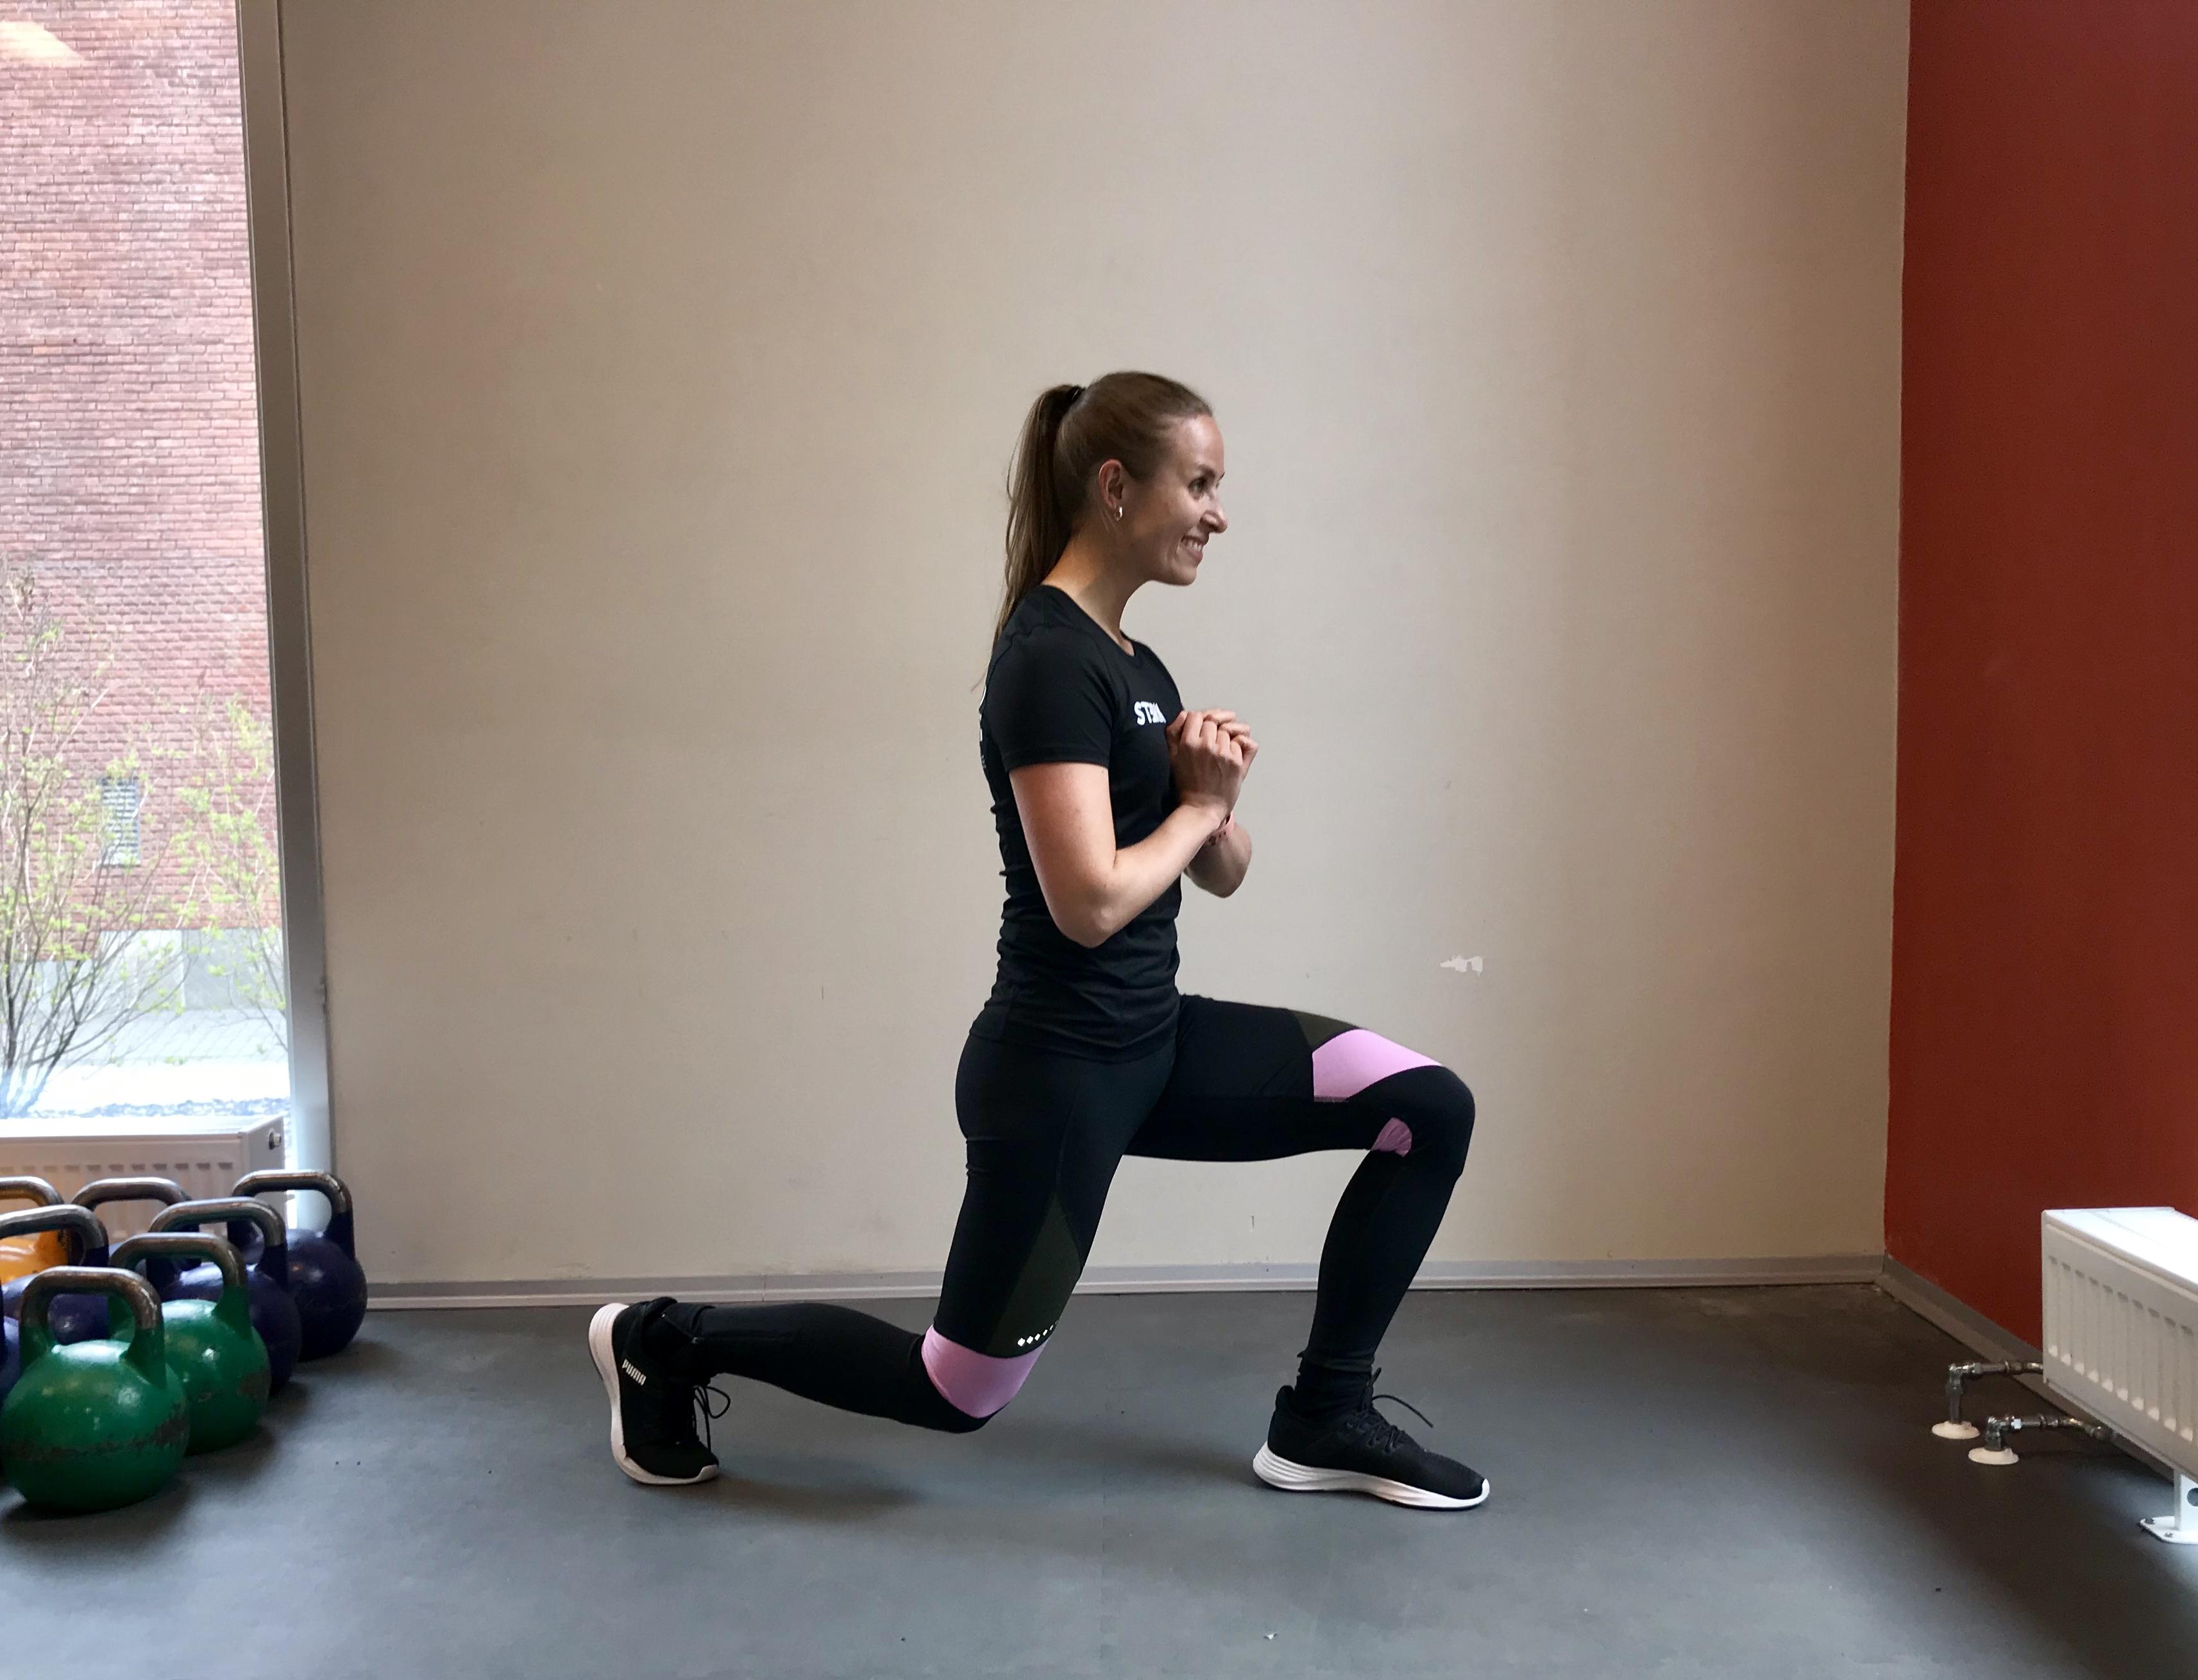 2440e3e9 Du trener: Bryst, fremside skulder, triceps og kjerne. Slik gjør du: Stå i  plankeposisjon på tær eller med knærne i gulvet. Håndflatene skal være  plassert ...